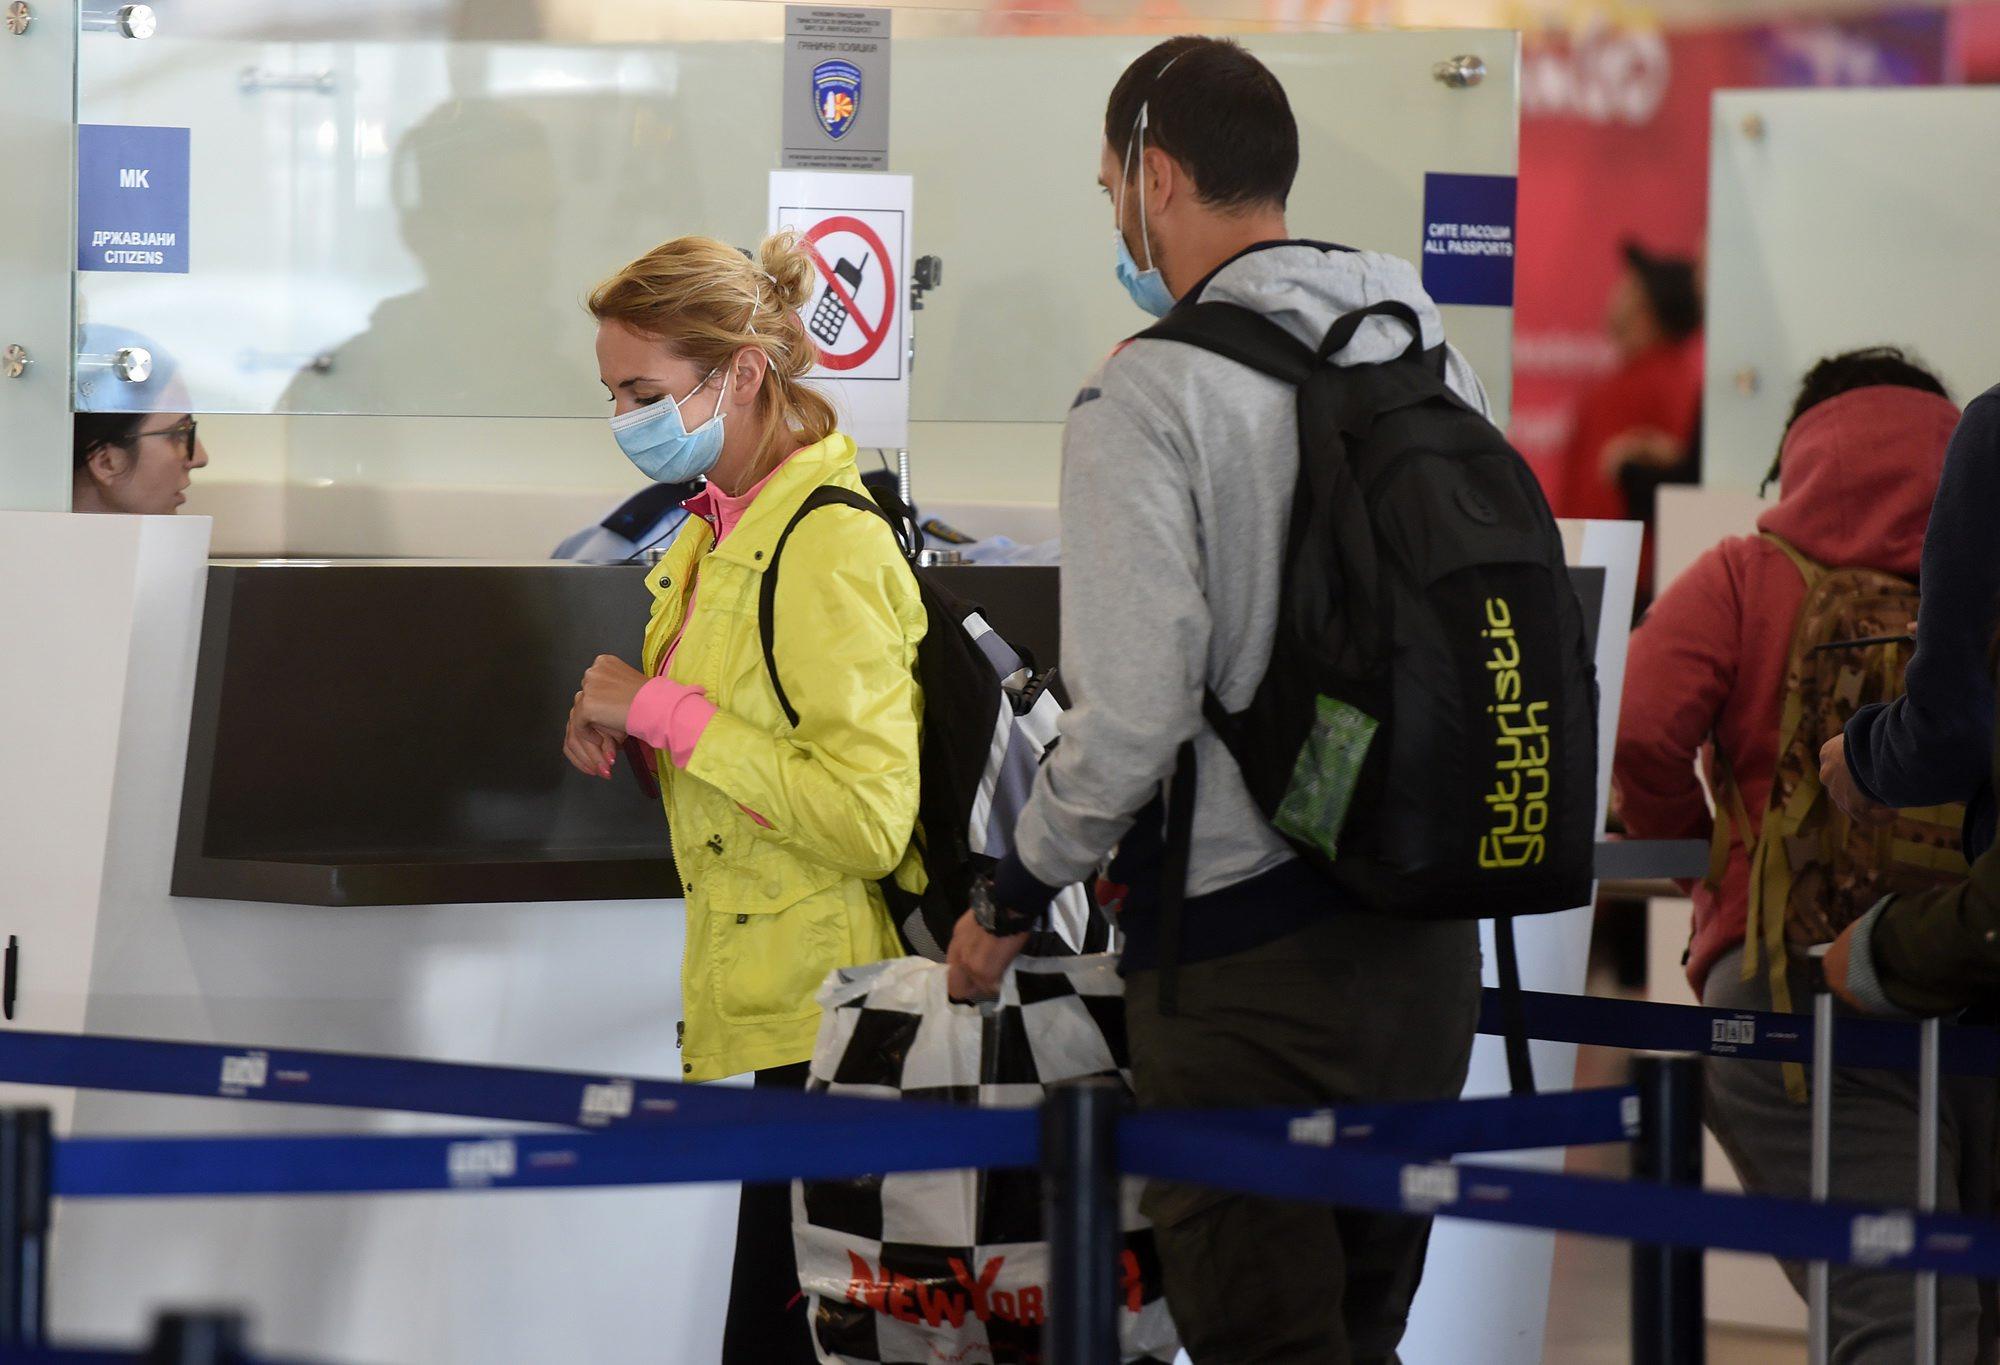 Ilustracija, putnici nose maske kao preventivnu mjeru protiv koronavirusa